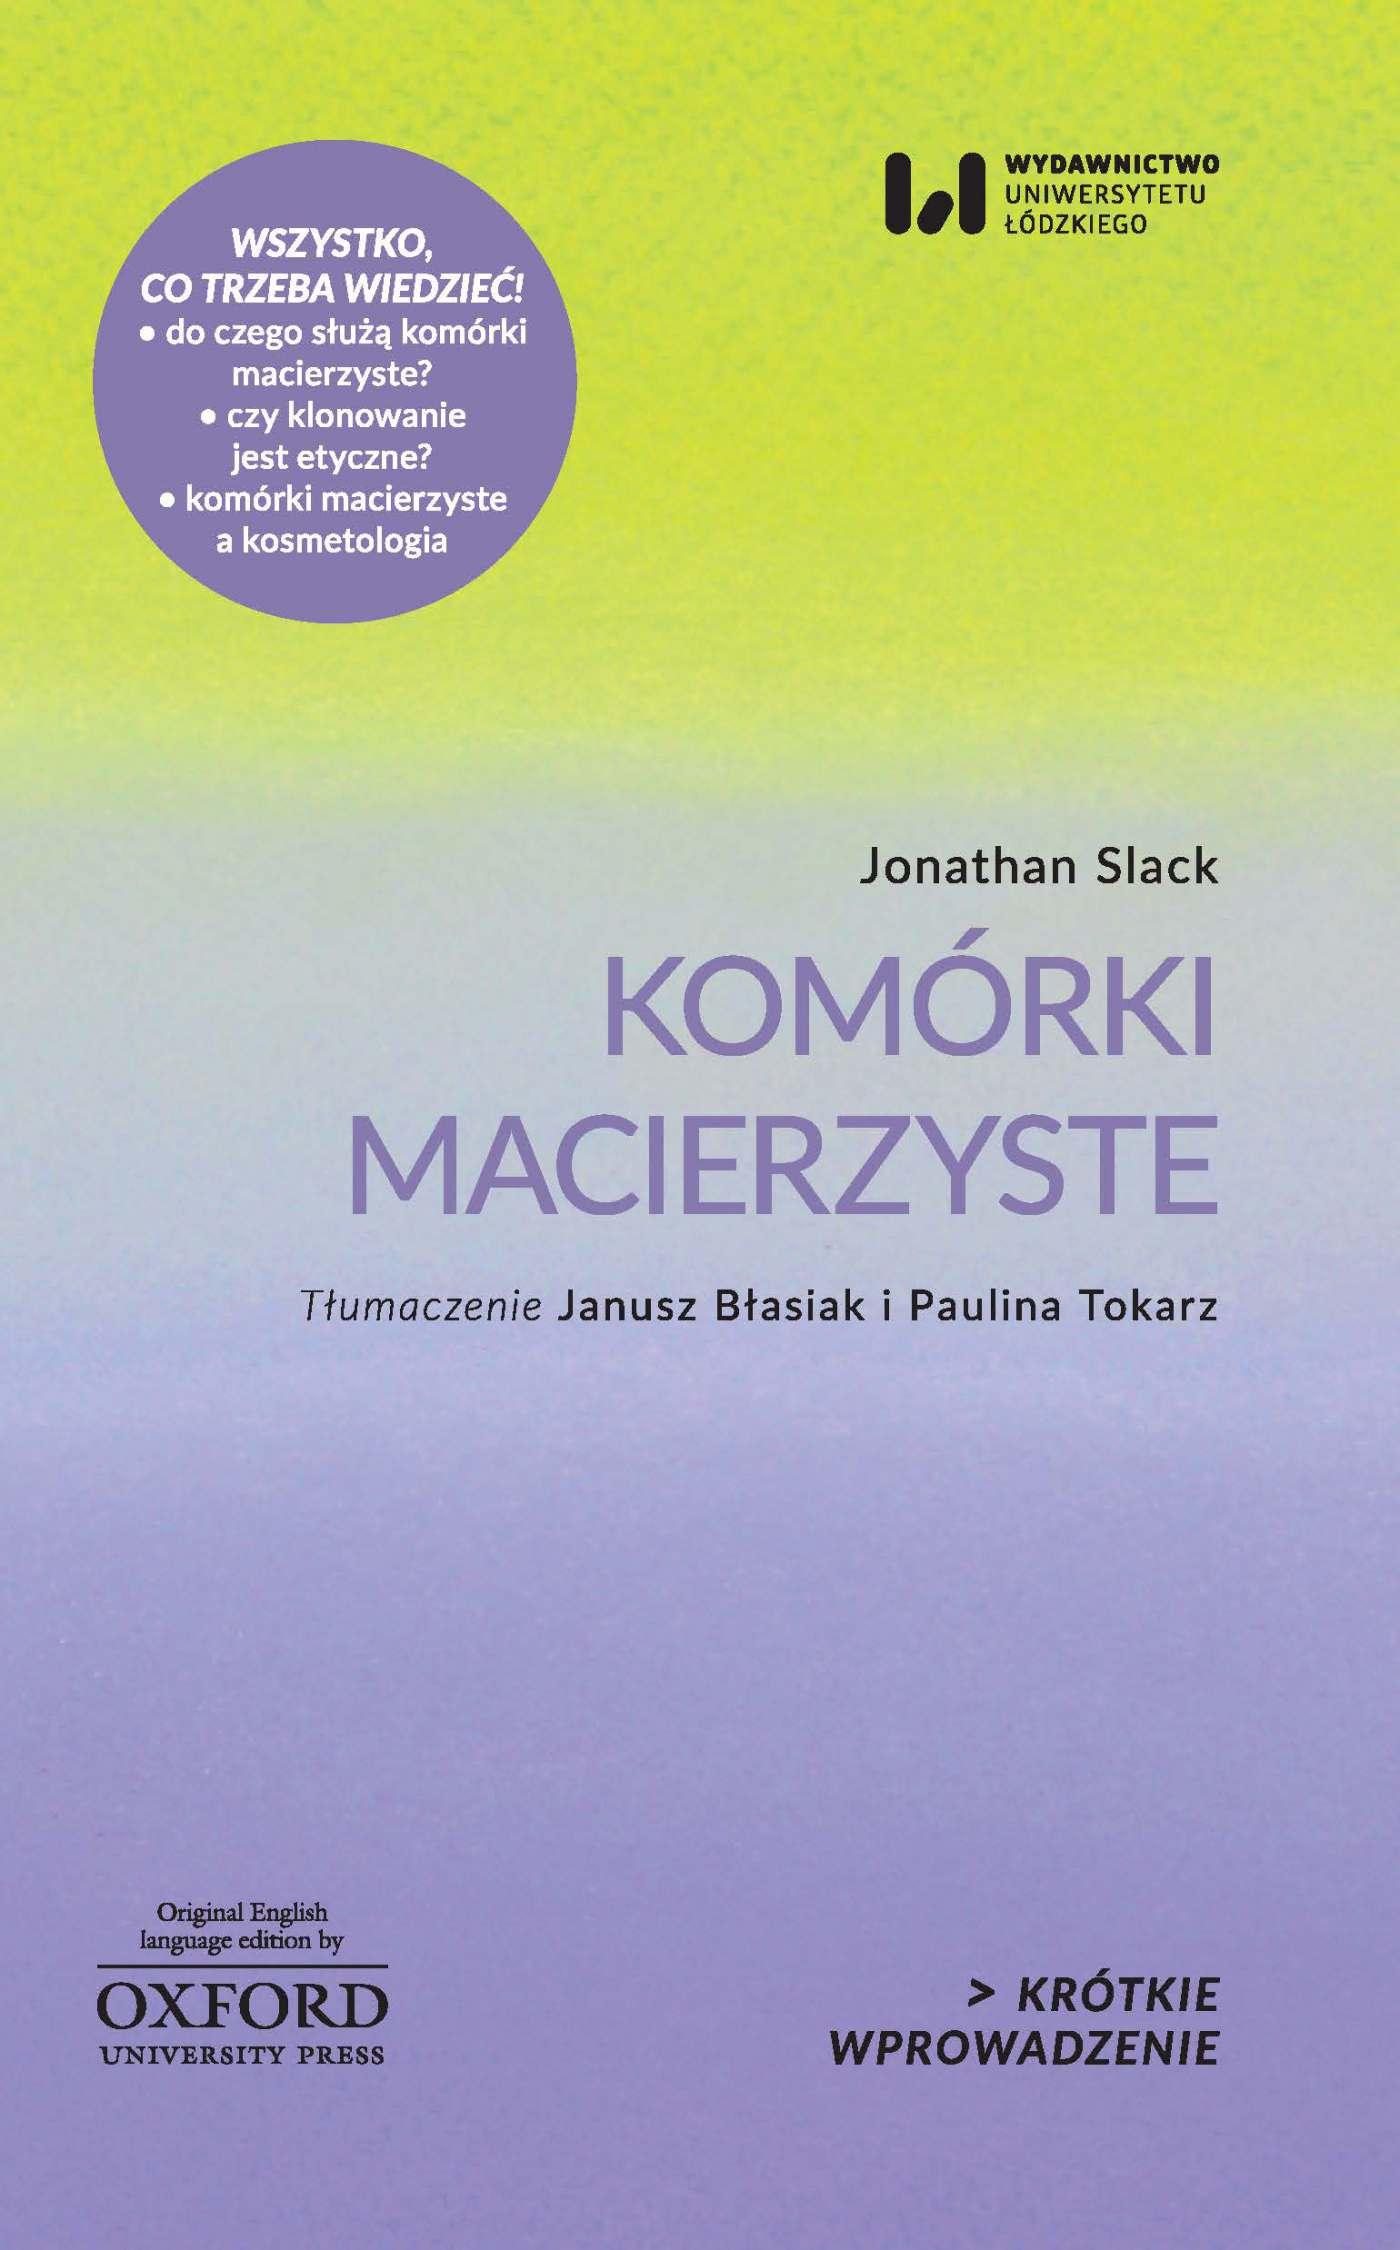 Komórki macierzyste. Krótkie Wprowadzenie 7 - Ebook (Książka na Kindle) do pobrania w formacie MOBI